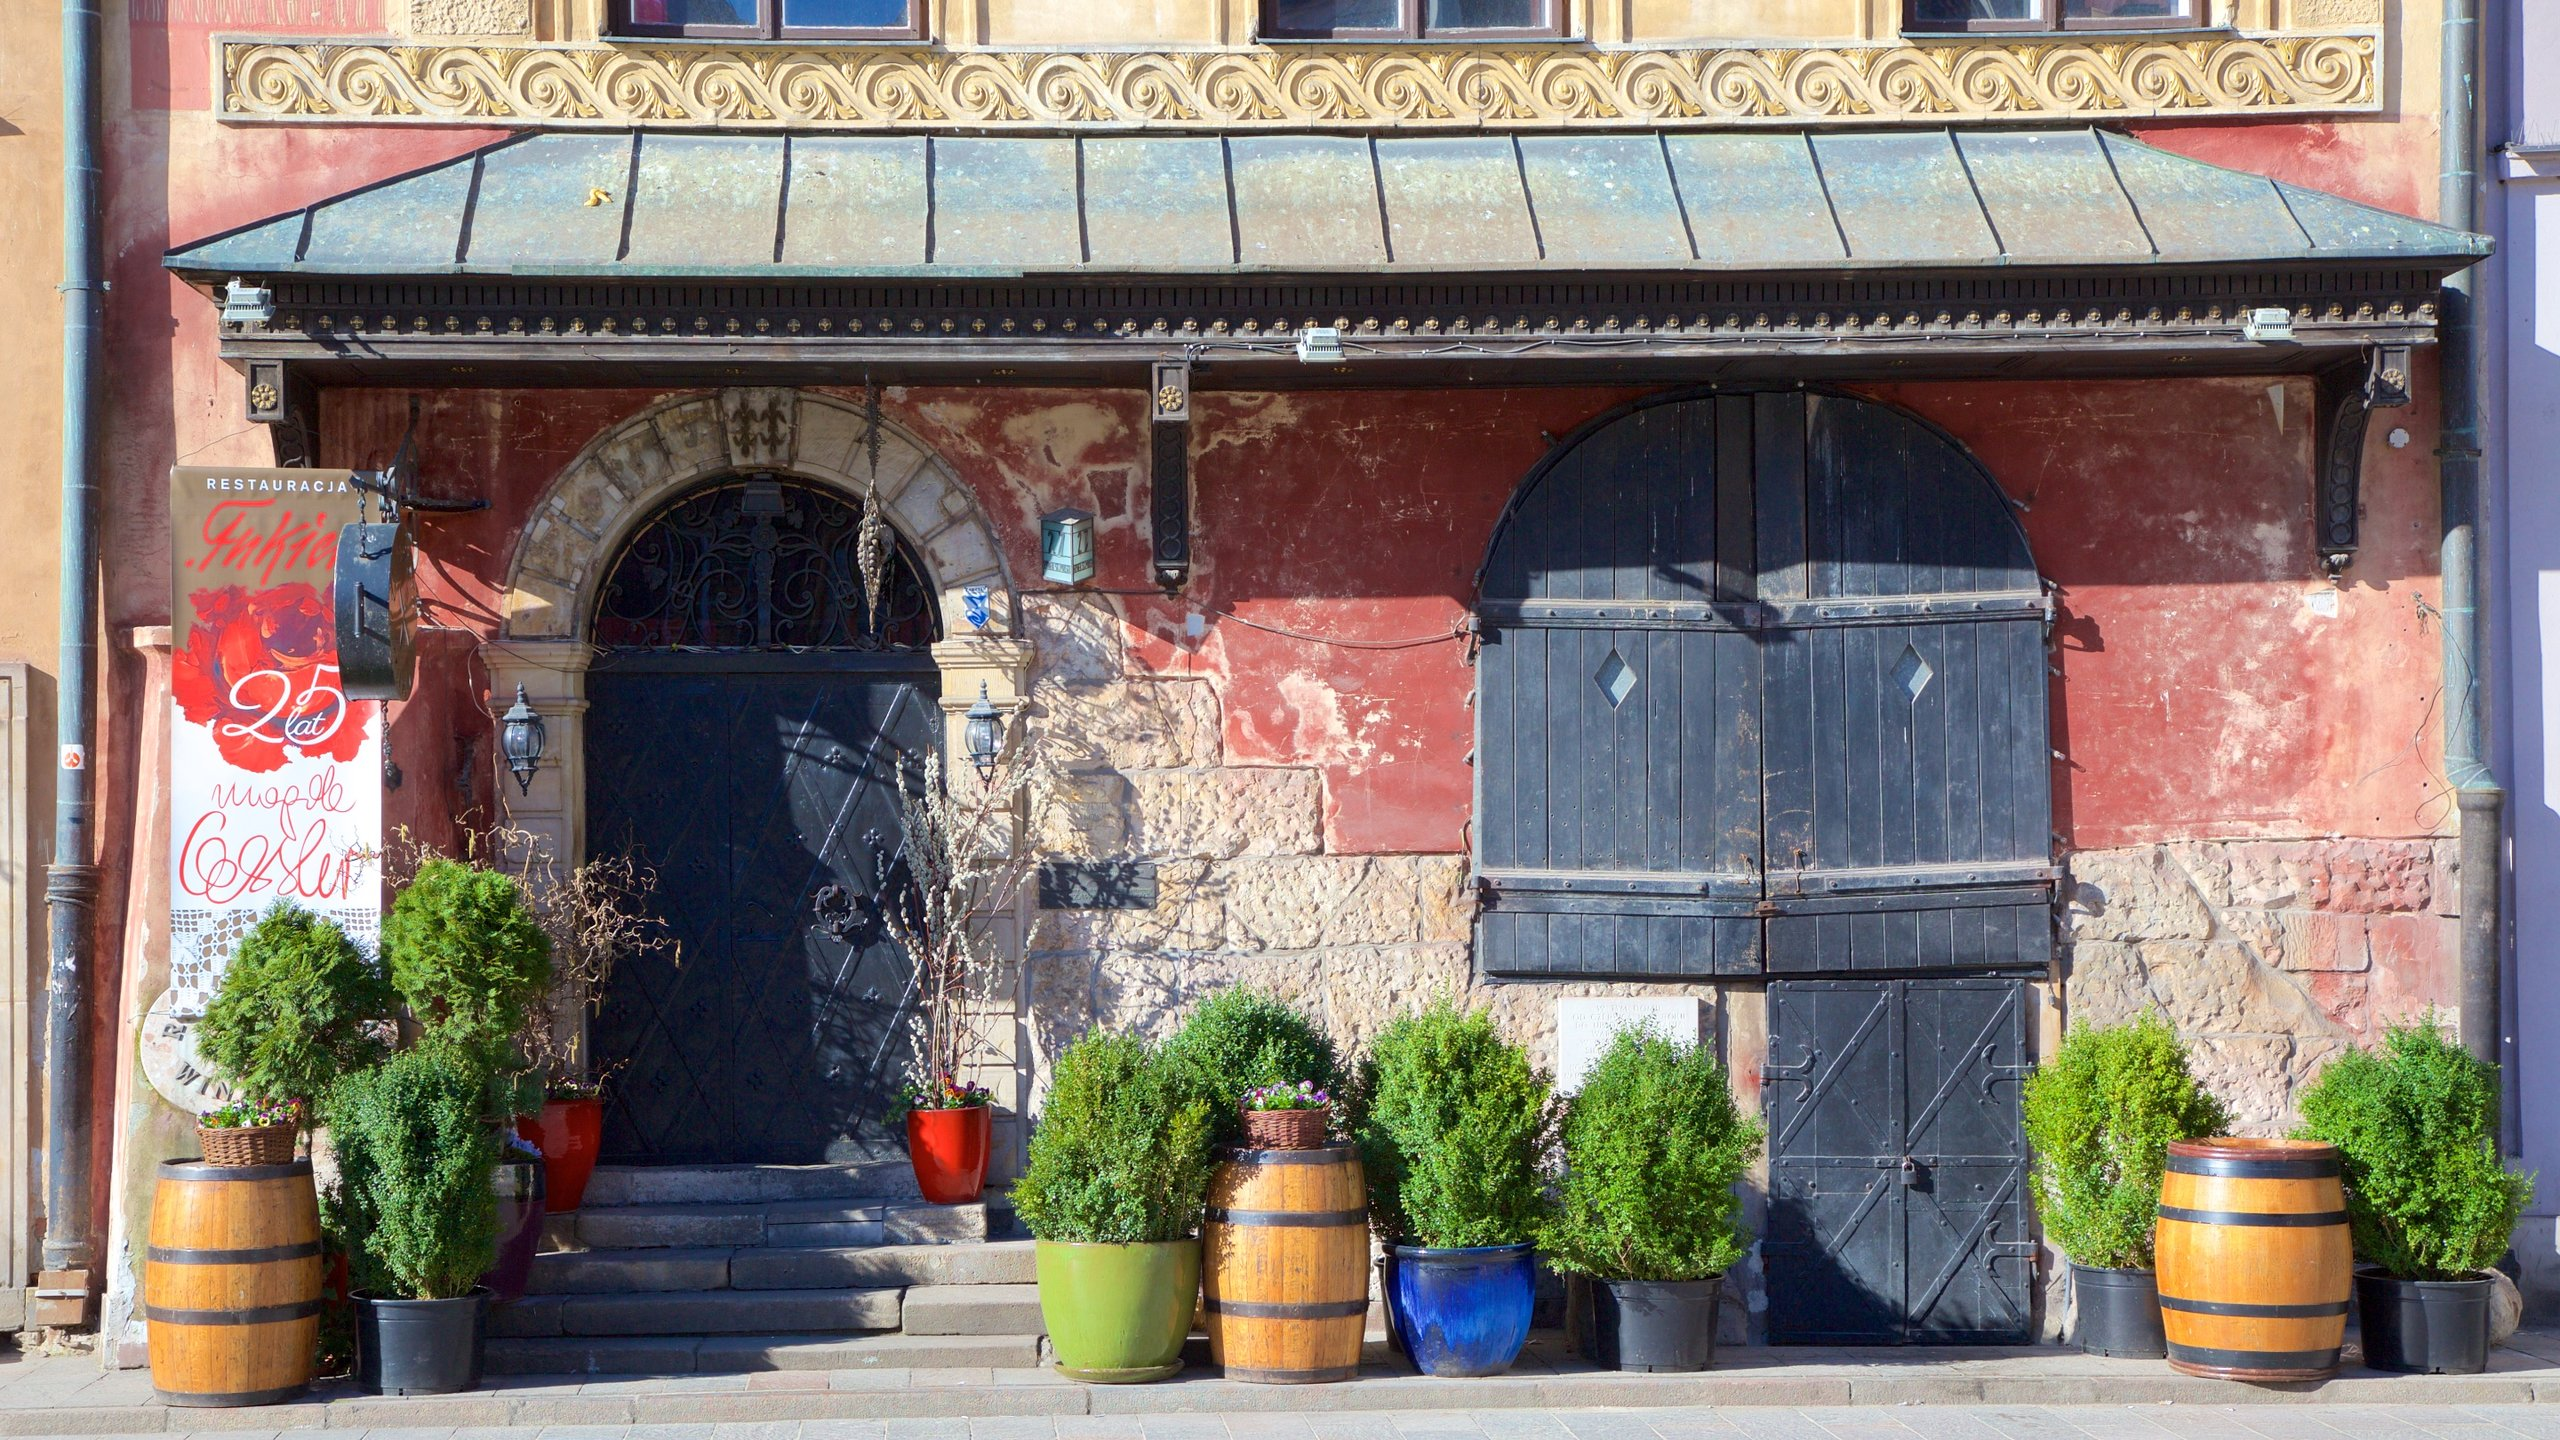 Old Town Market Place, Warsaw, Masovian Voivodeship, Poland